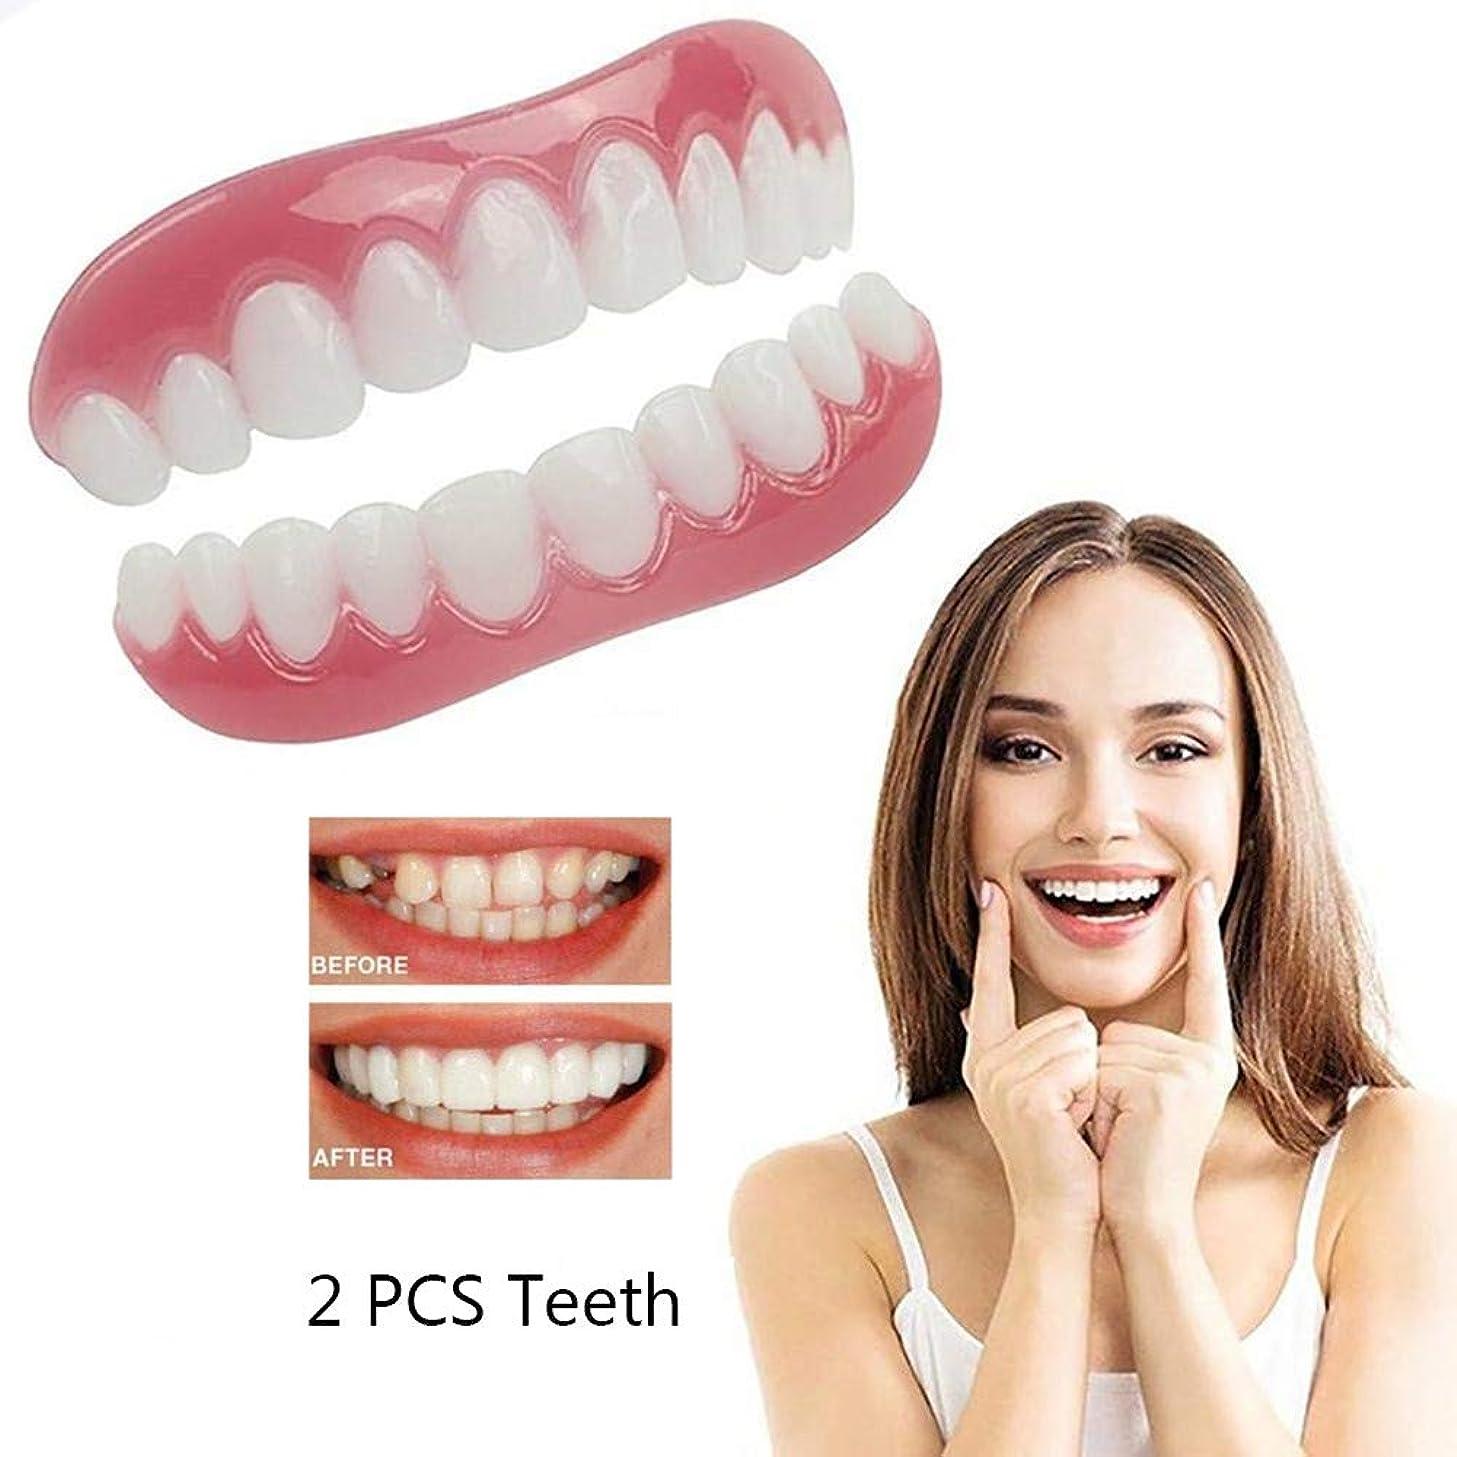 委託田舎インタネットを見る化粧品の歯のホワイトニングパーフェクトフィットスナップオンスマイルトップとボトムの偽歯インスタントプロテーゼスマイルコンフォートフィットフレックスオーラルケア